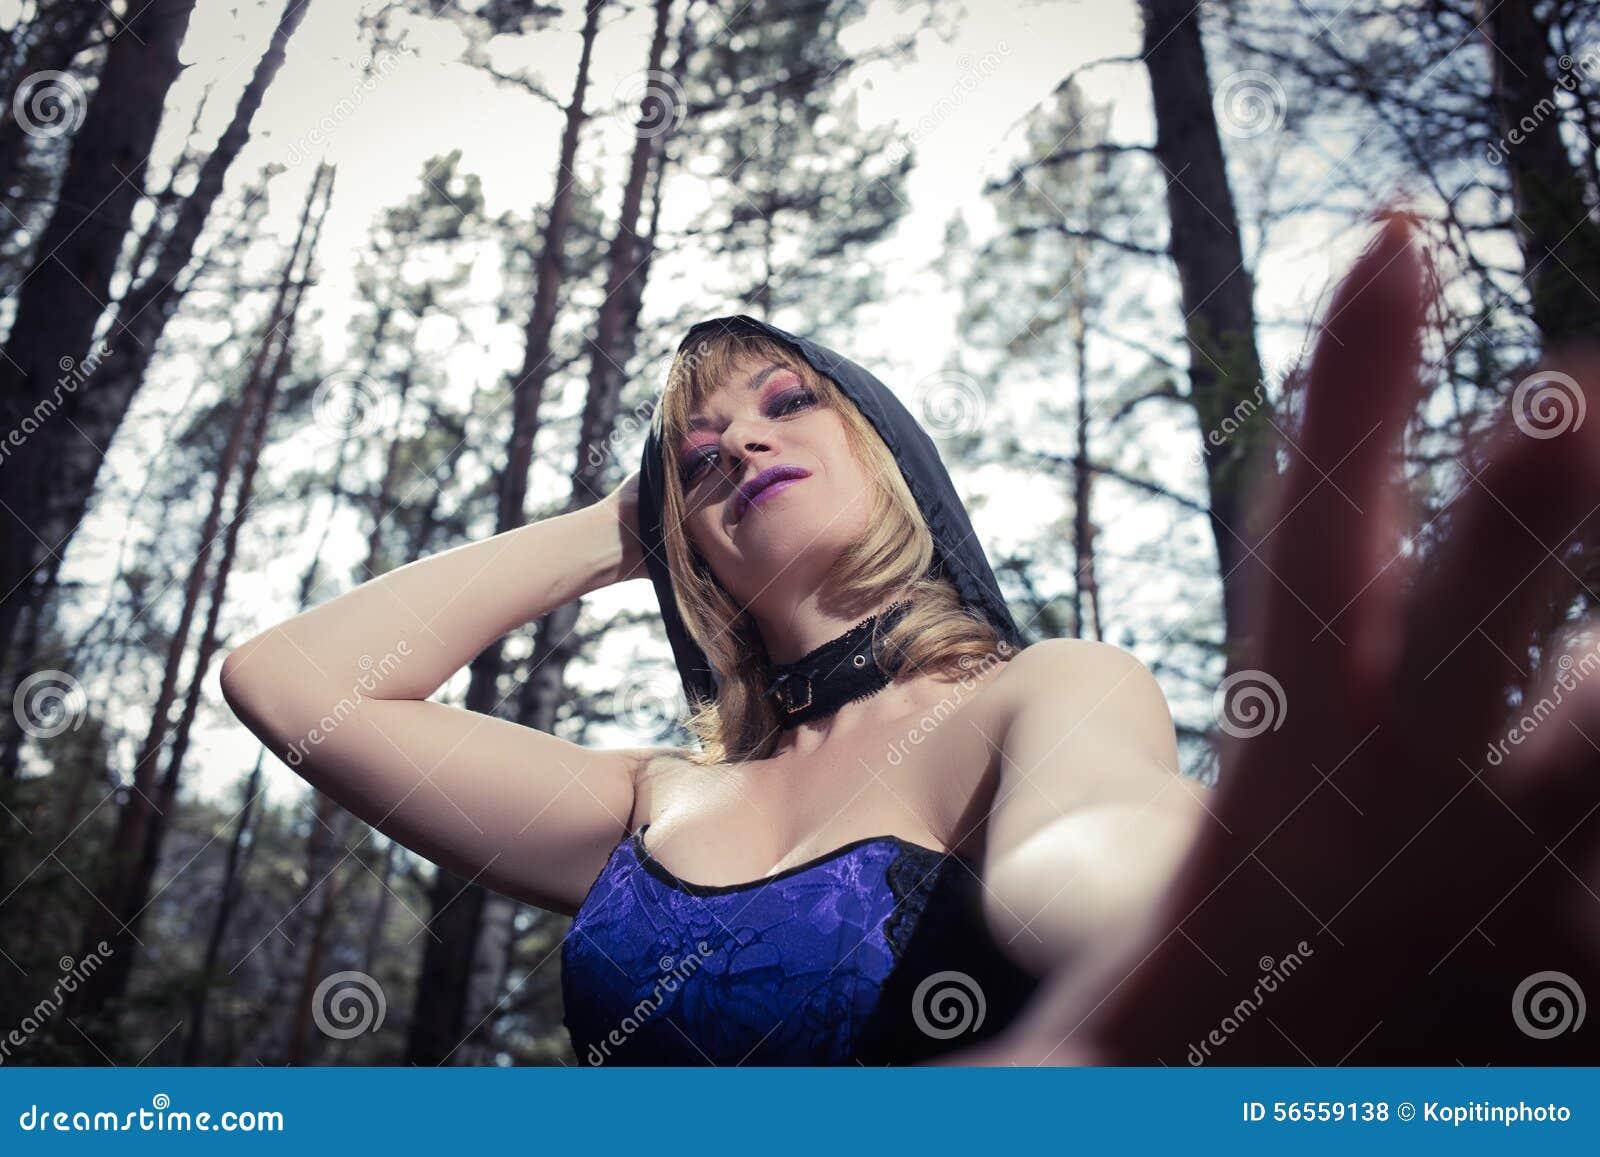 Download Κορίτσι μαγισσών στο δάσος στοκ εικόνες. εικόνα από φως - 56559138